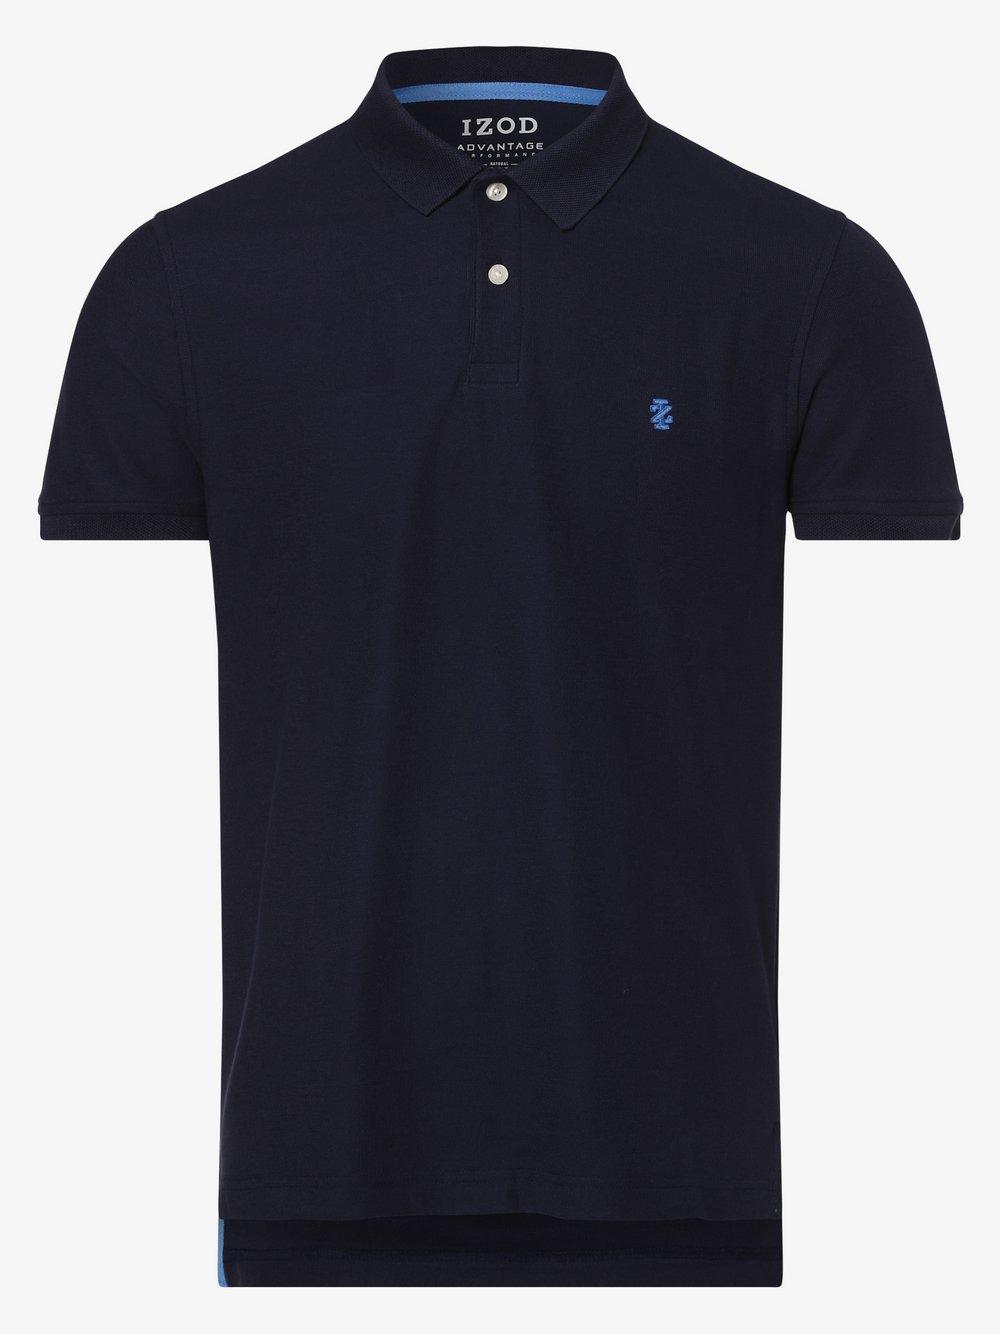 IZOD - Męska koszulka polo, niebieski